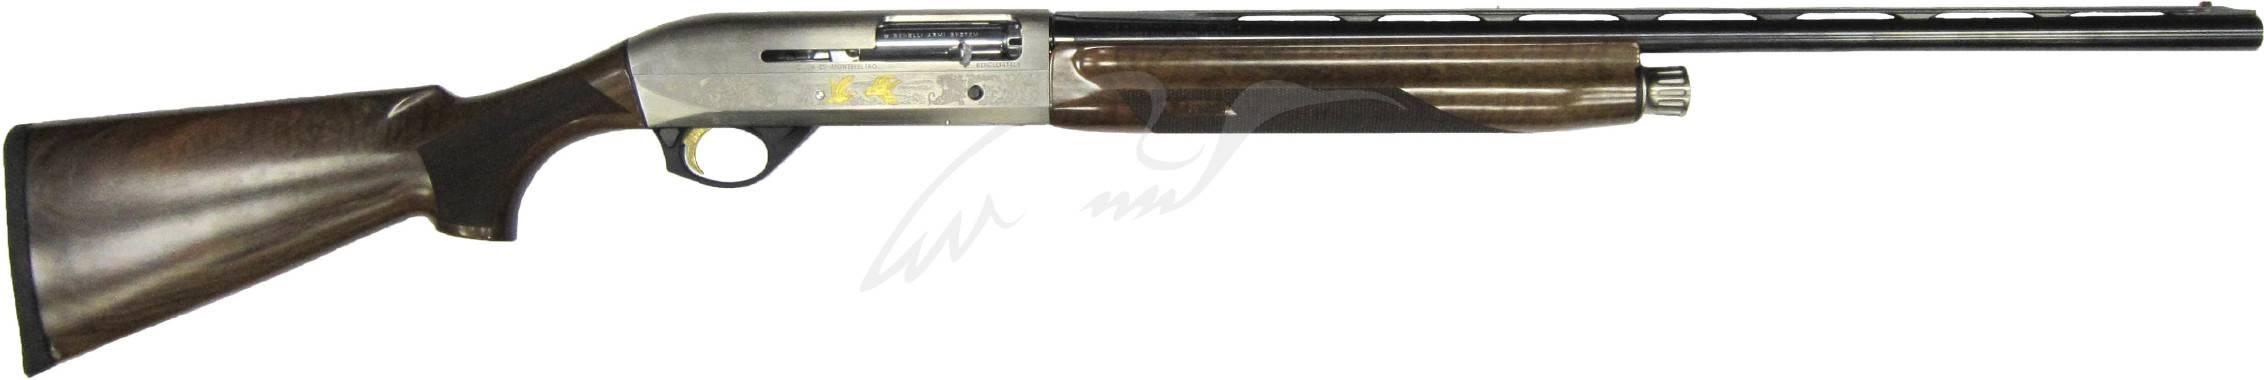 Ружья бенелли: история марки и обзор моделей